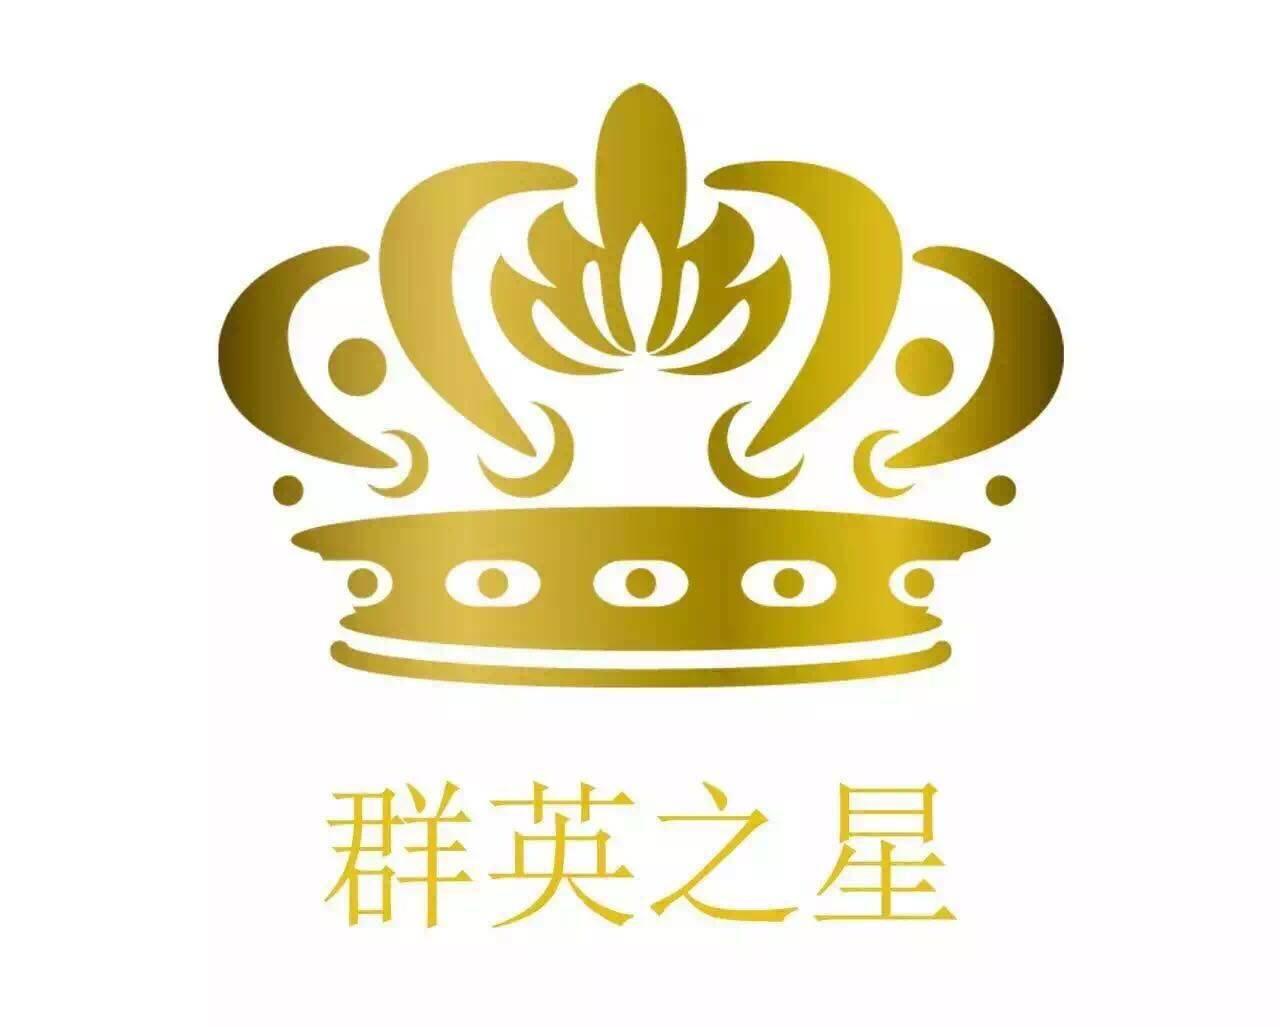 郑州机场大巴进出口道闸广告位-护栏灯箱广告位招租